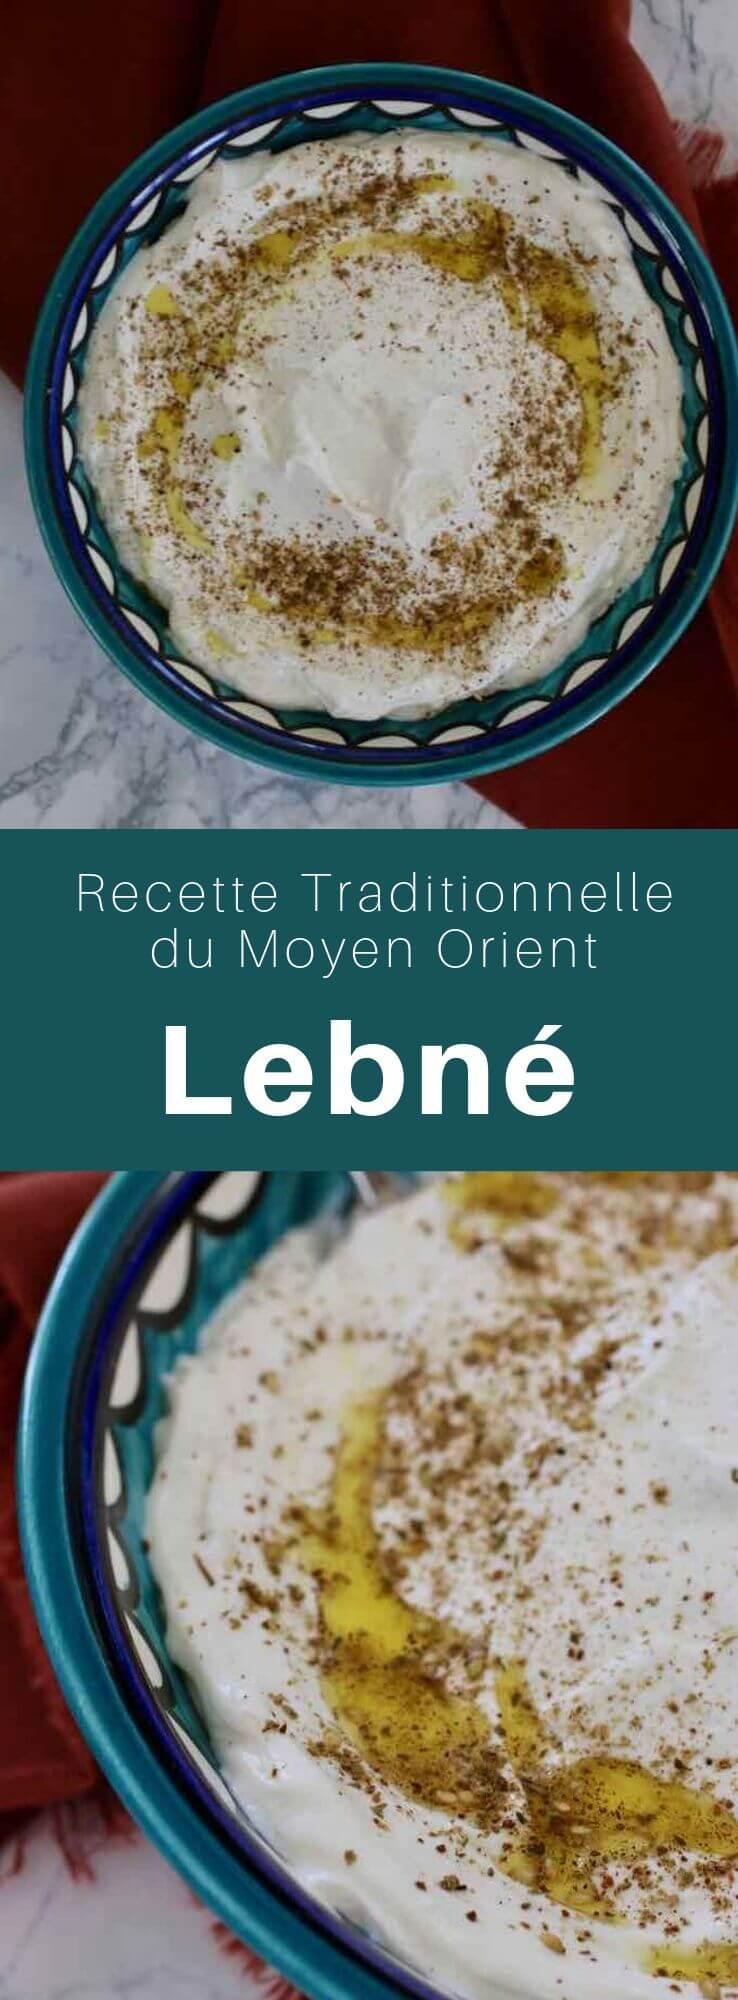 Le labné est une spécialité du Moyen Orient, un fromage issu du yaourt à base de lait, qui est égoutté pour éliminer la majeure partie de son petit lait. #MoyenOrient #CuisineDuMonde #196flavors